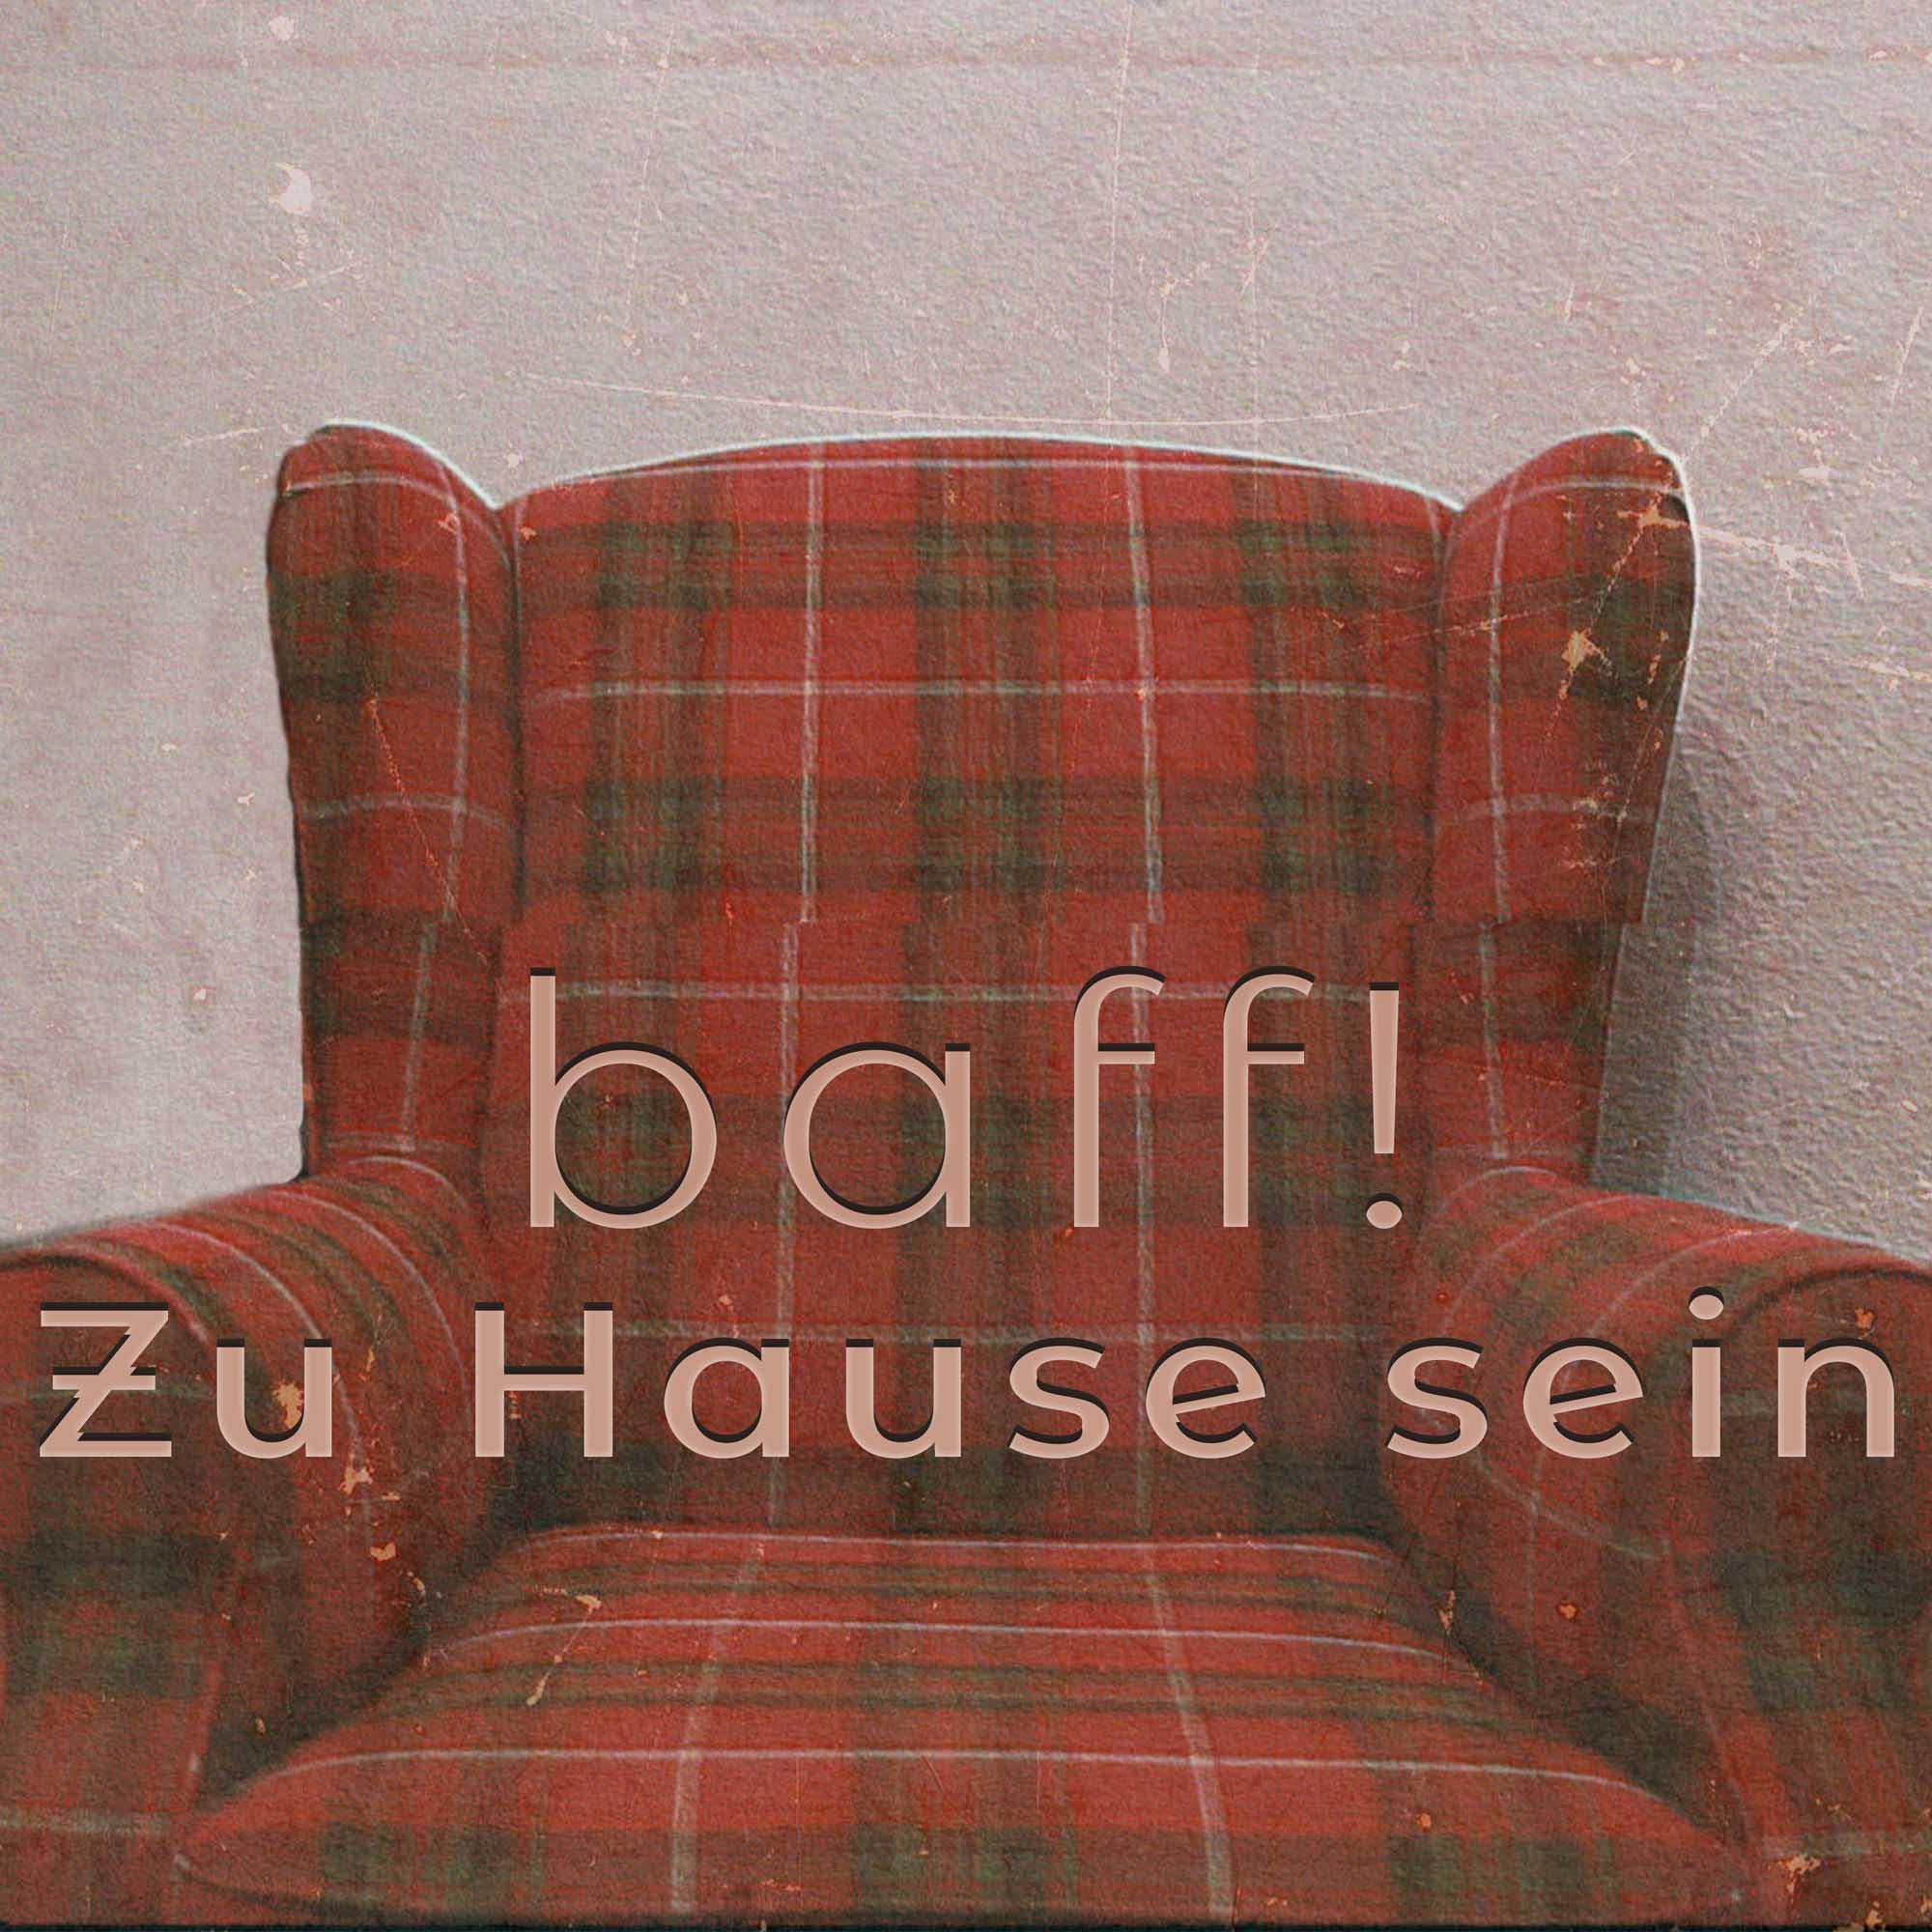 Cover der Single zu Hause sein